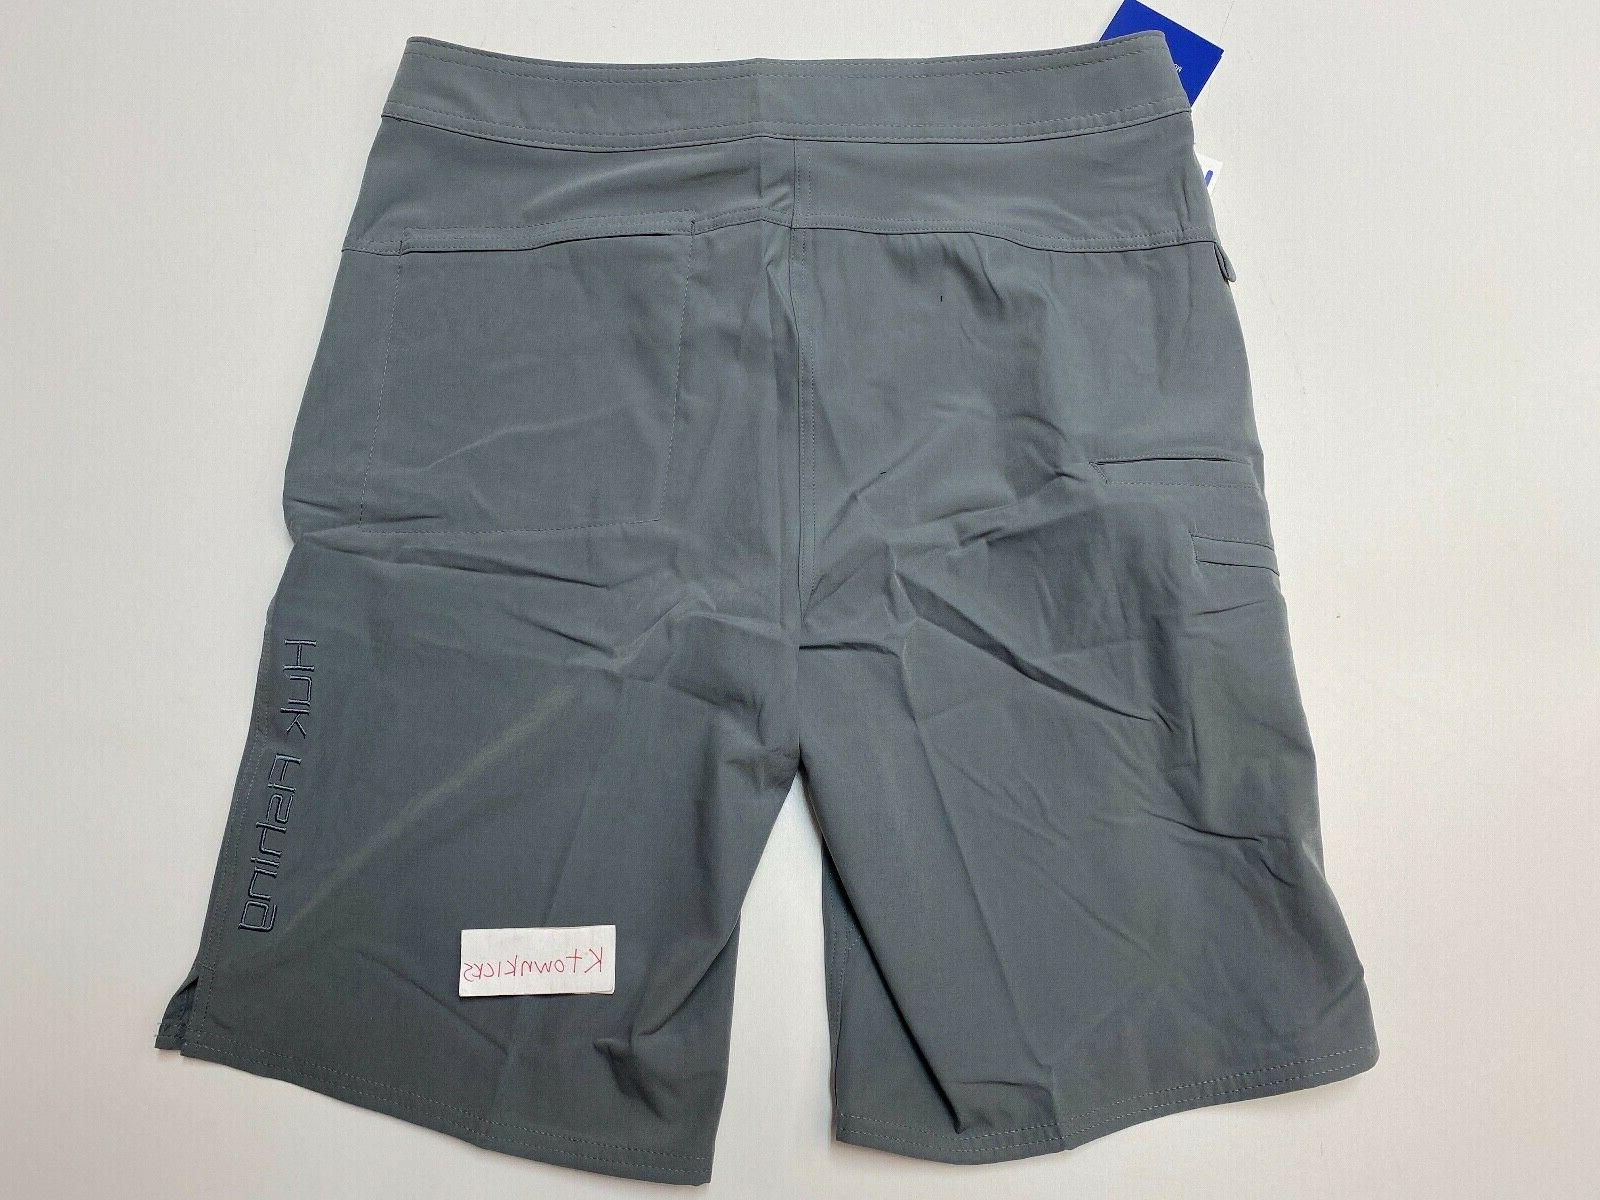 Huk Board Shorts Size